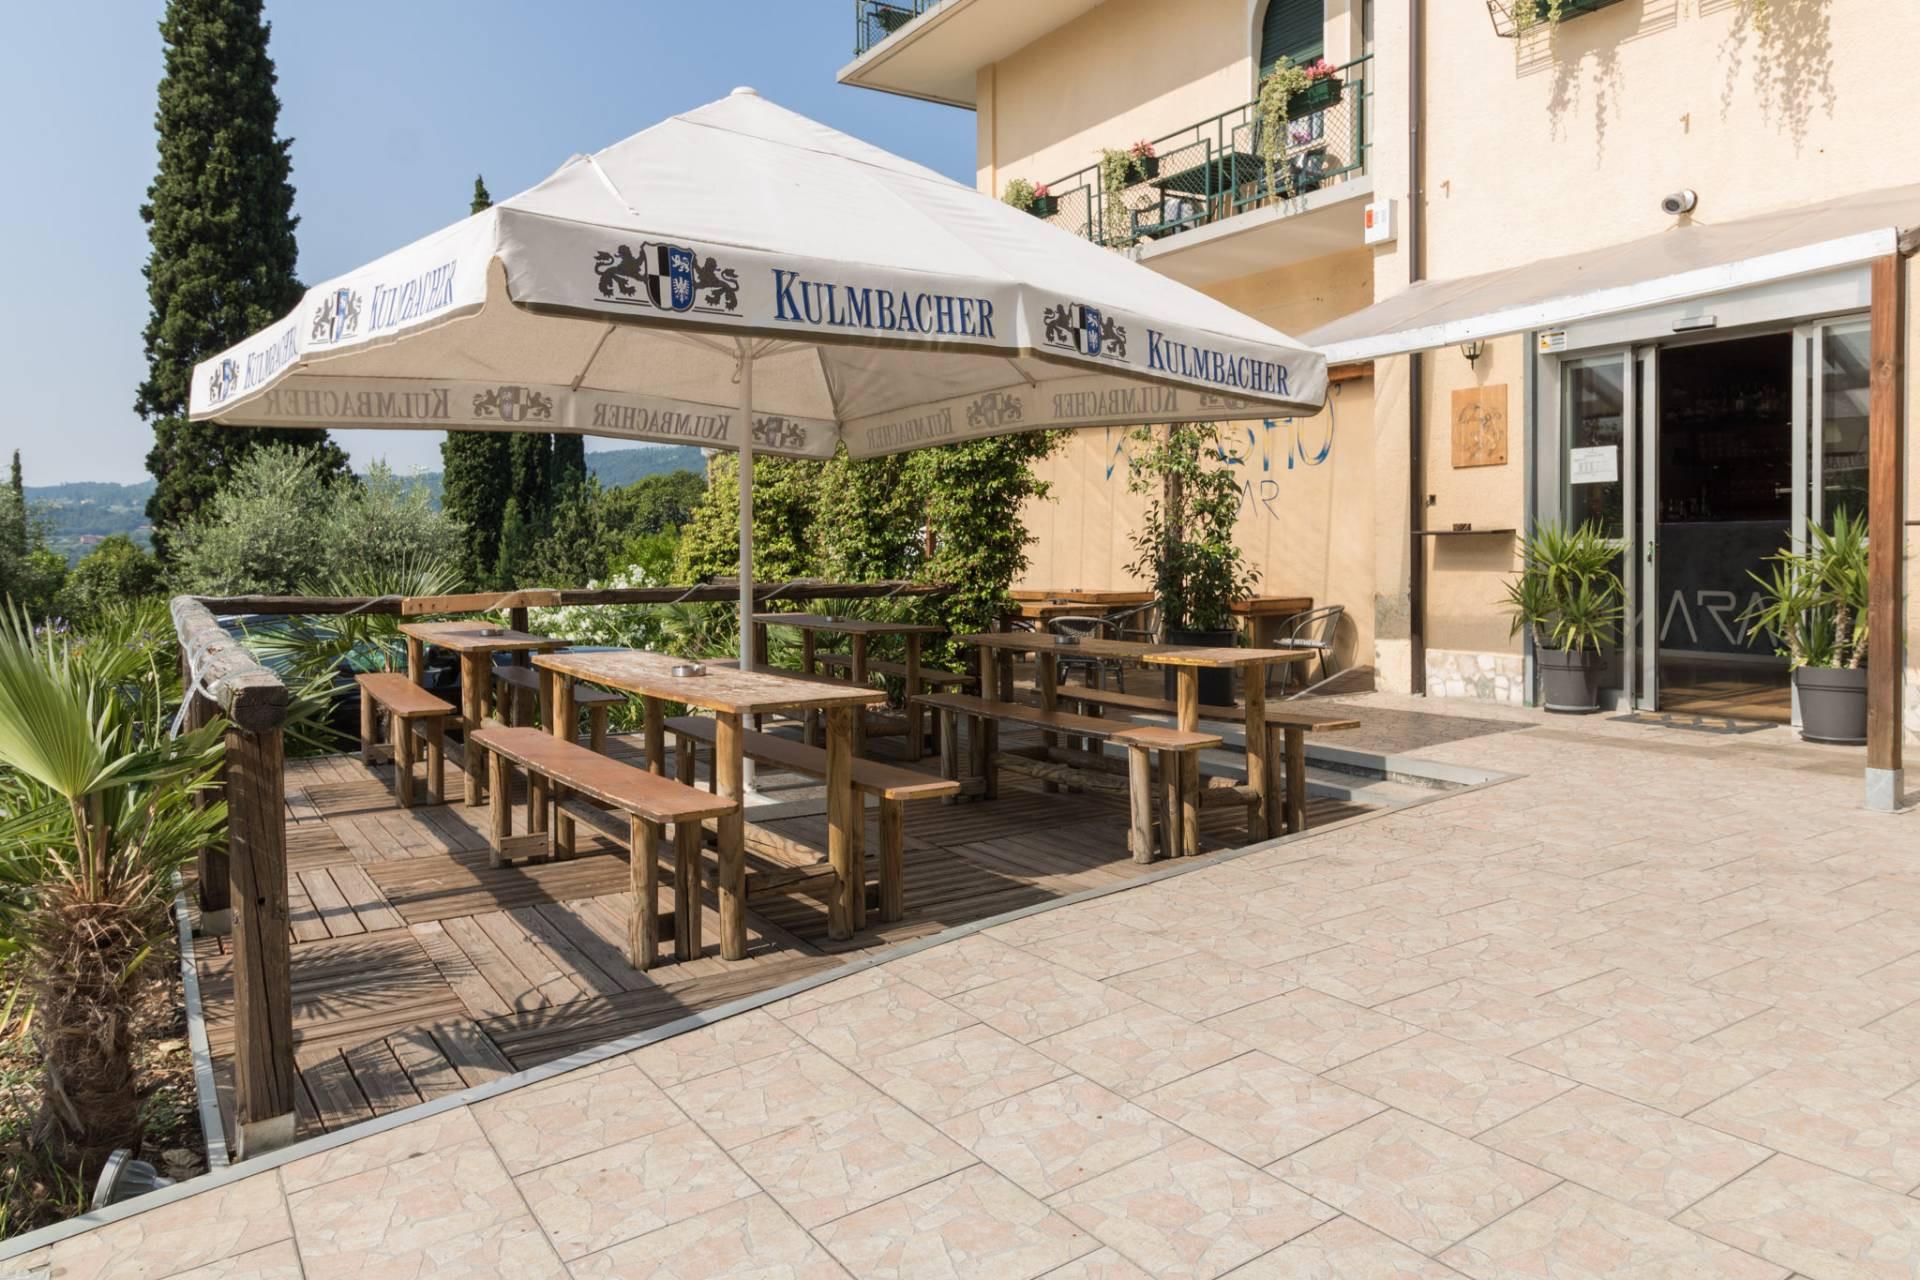 Attività / Licenza in vendita a Salò, 9999 locali, prezzo € 128.000   PortaleAgenzieImmobiliari.it